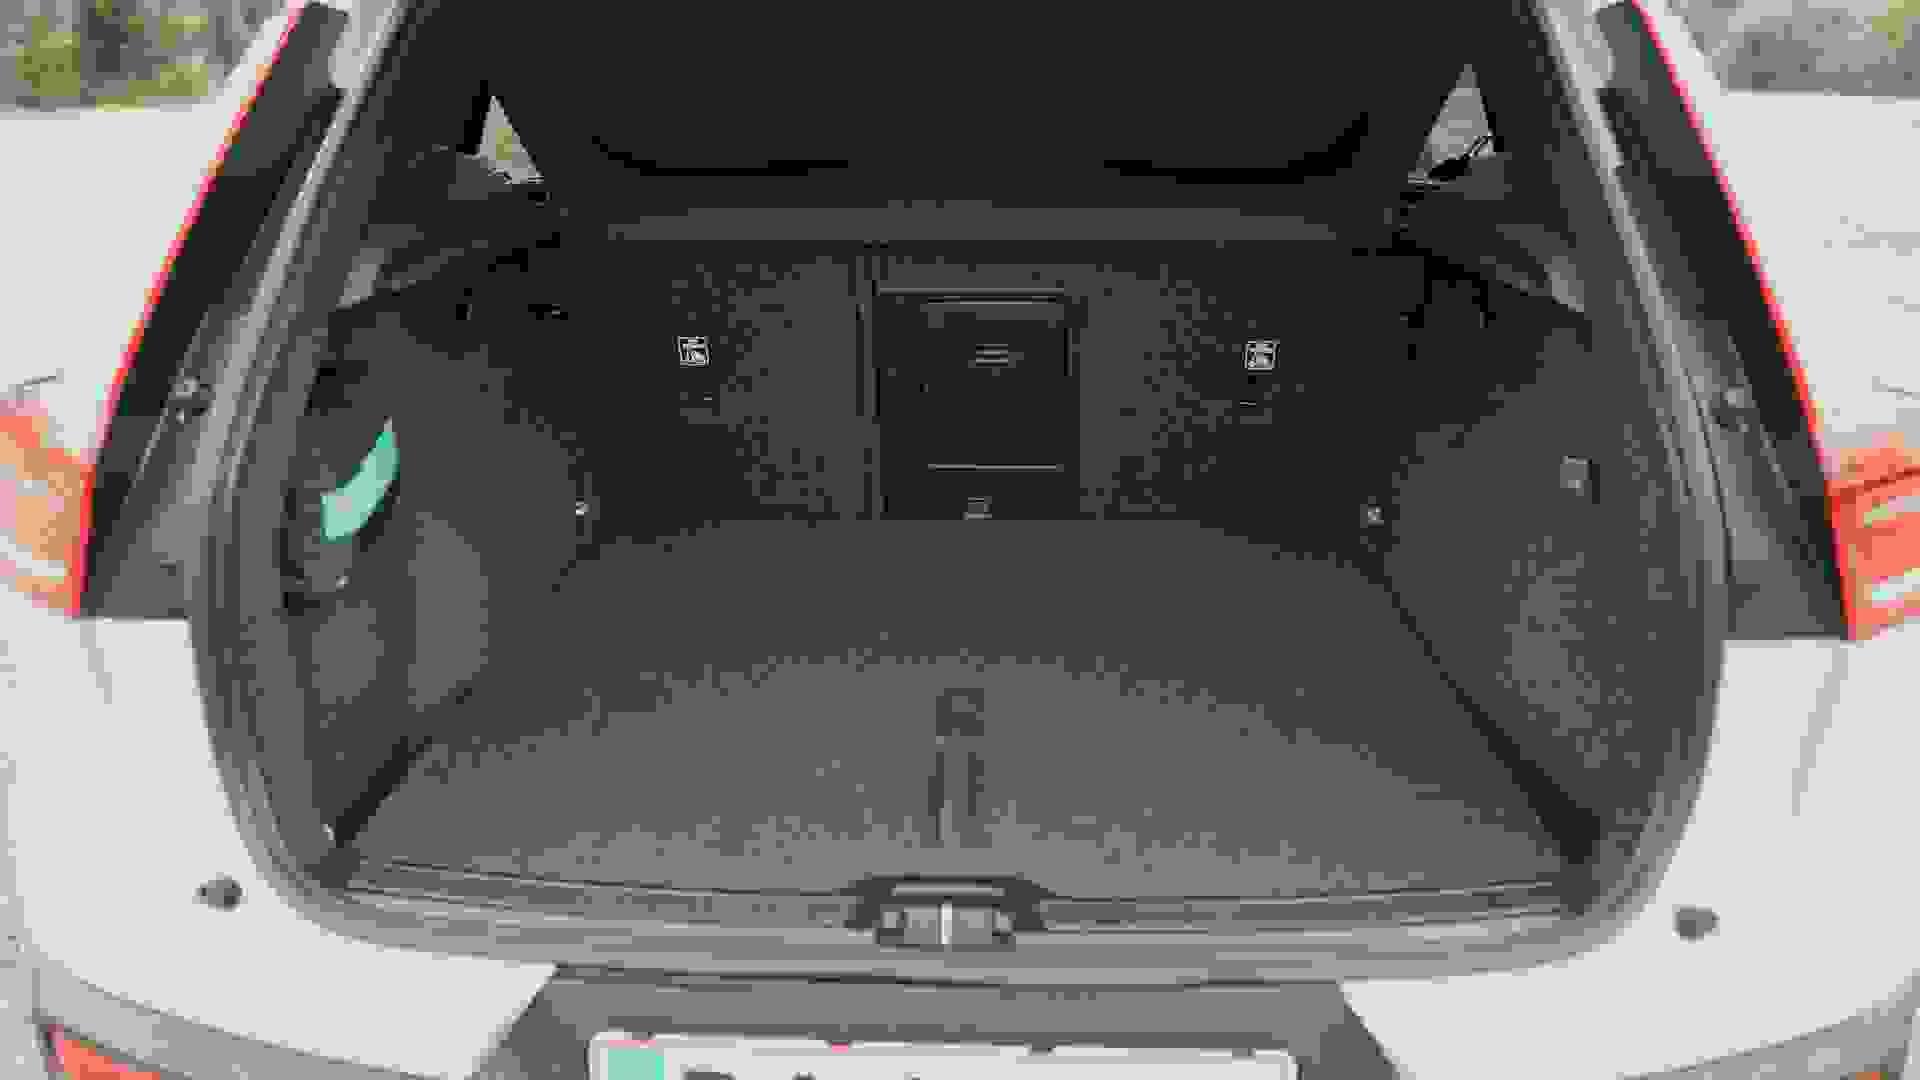 Bilguiden Xc40elbil.00 14 51 23.Still007